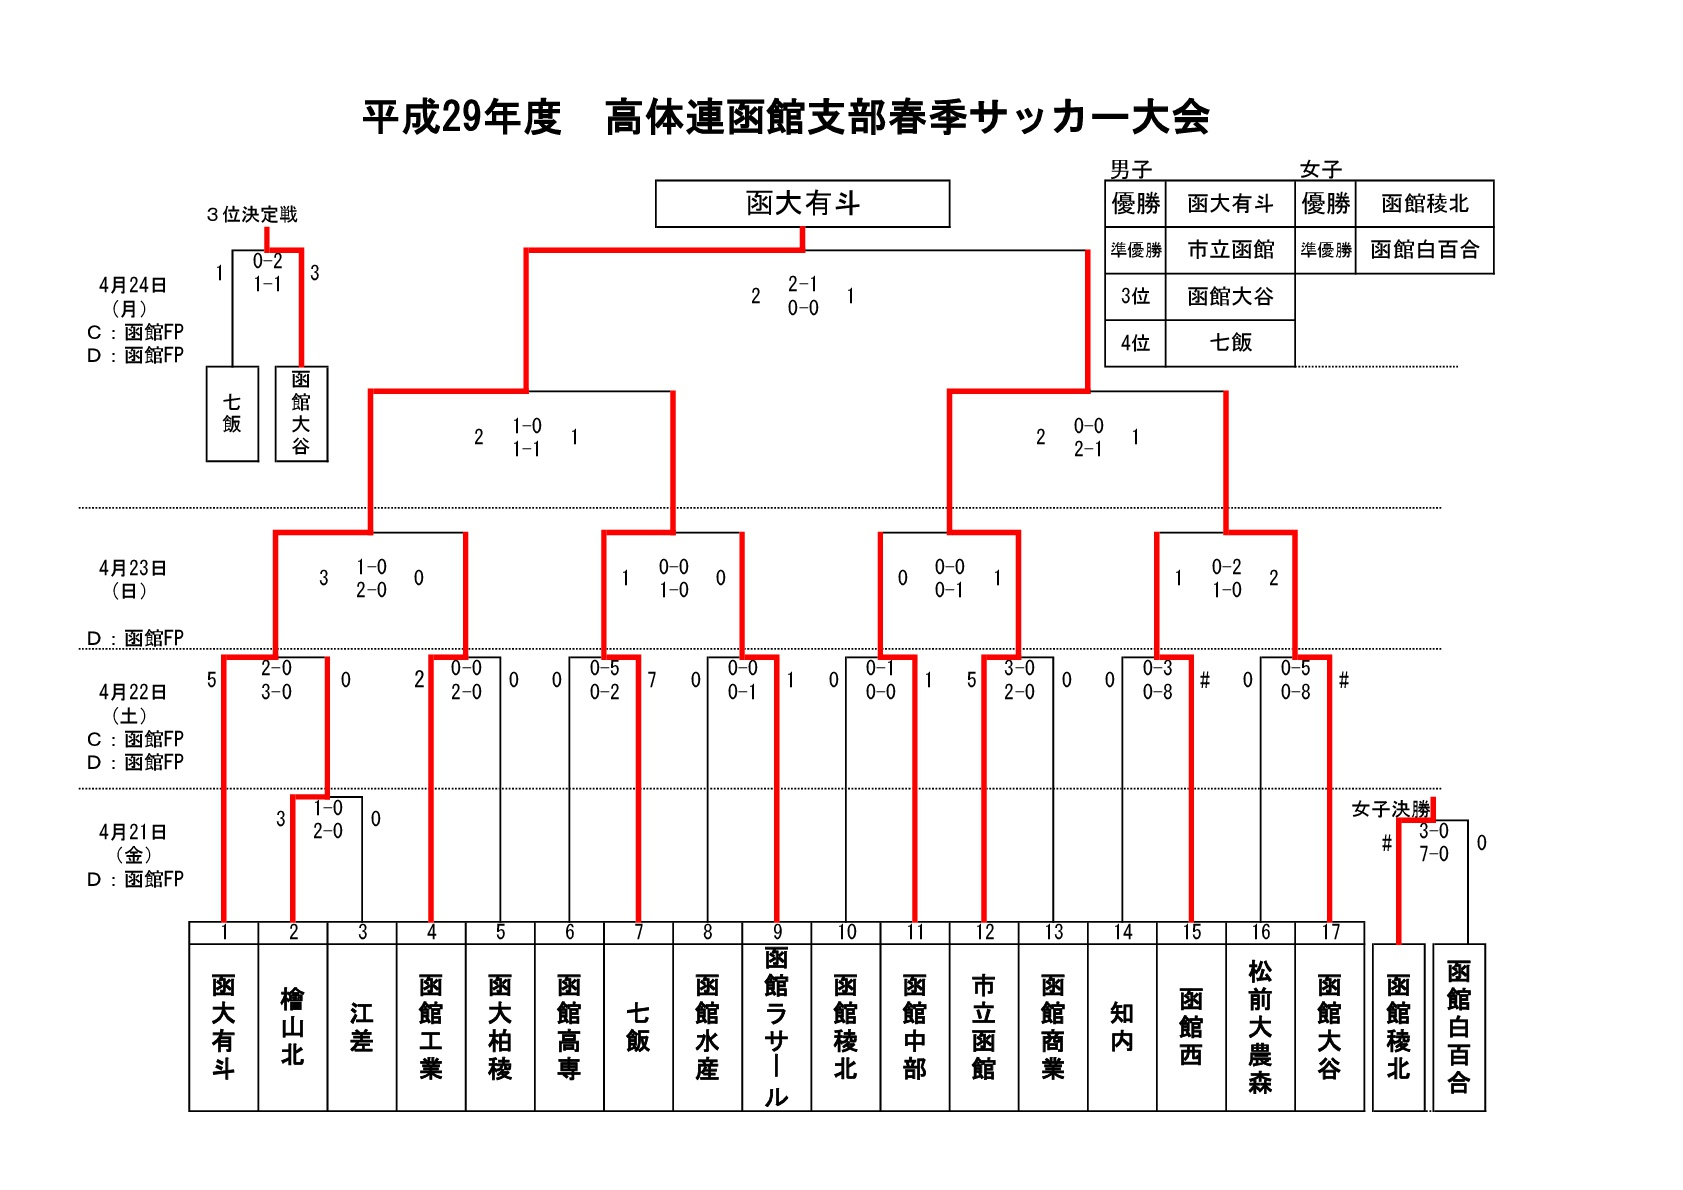 H29-高体連春季大会結果報告【HP用】-001